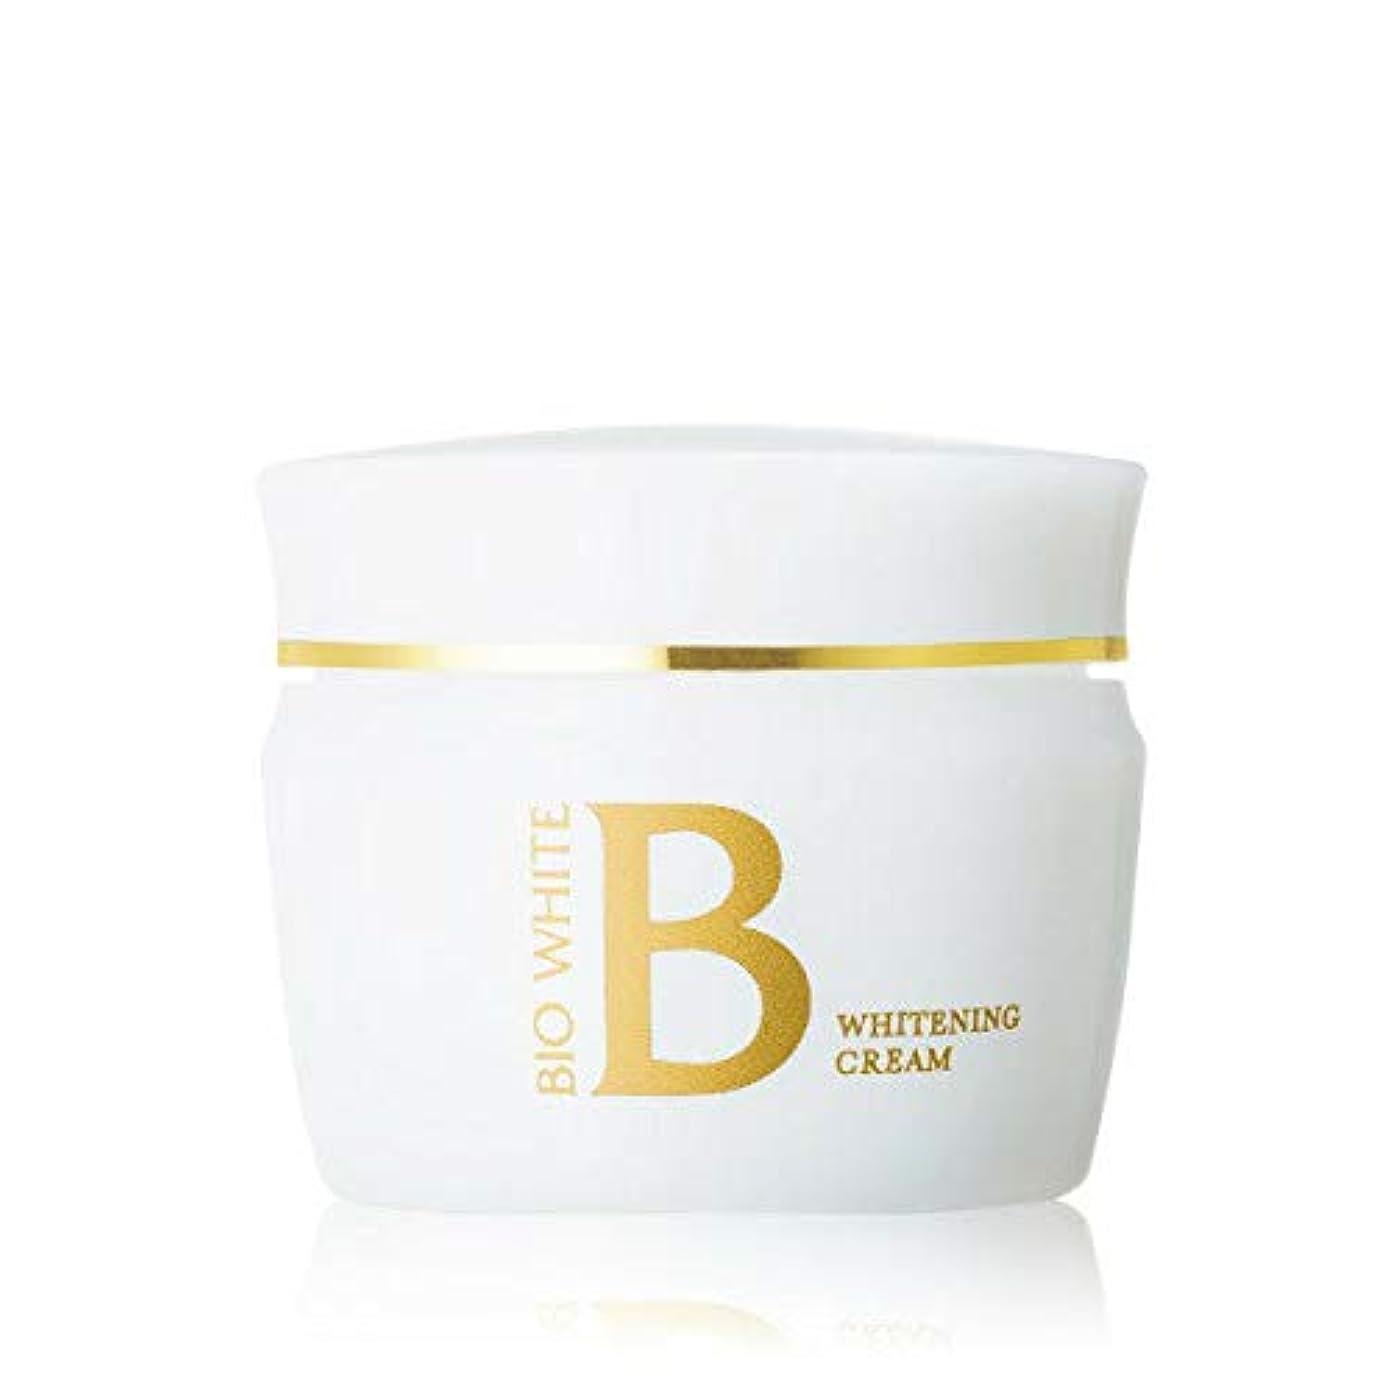 ボード繁栄すきエビス化粧品(EBiS) エビス ビーホワイトクリーム 40g 美白クリーム トラネキサム酸 配合 医薬部外品